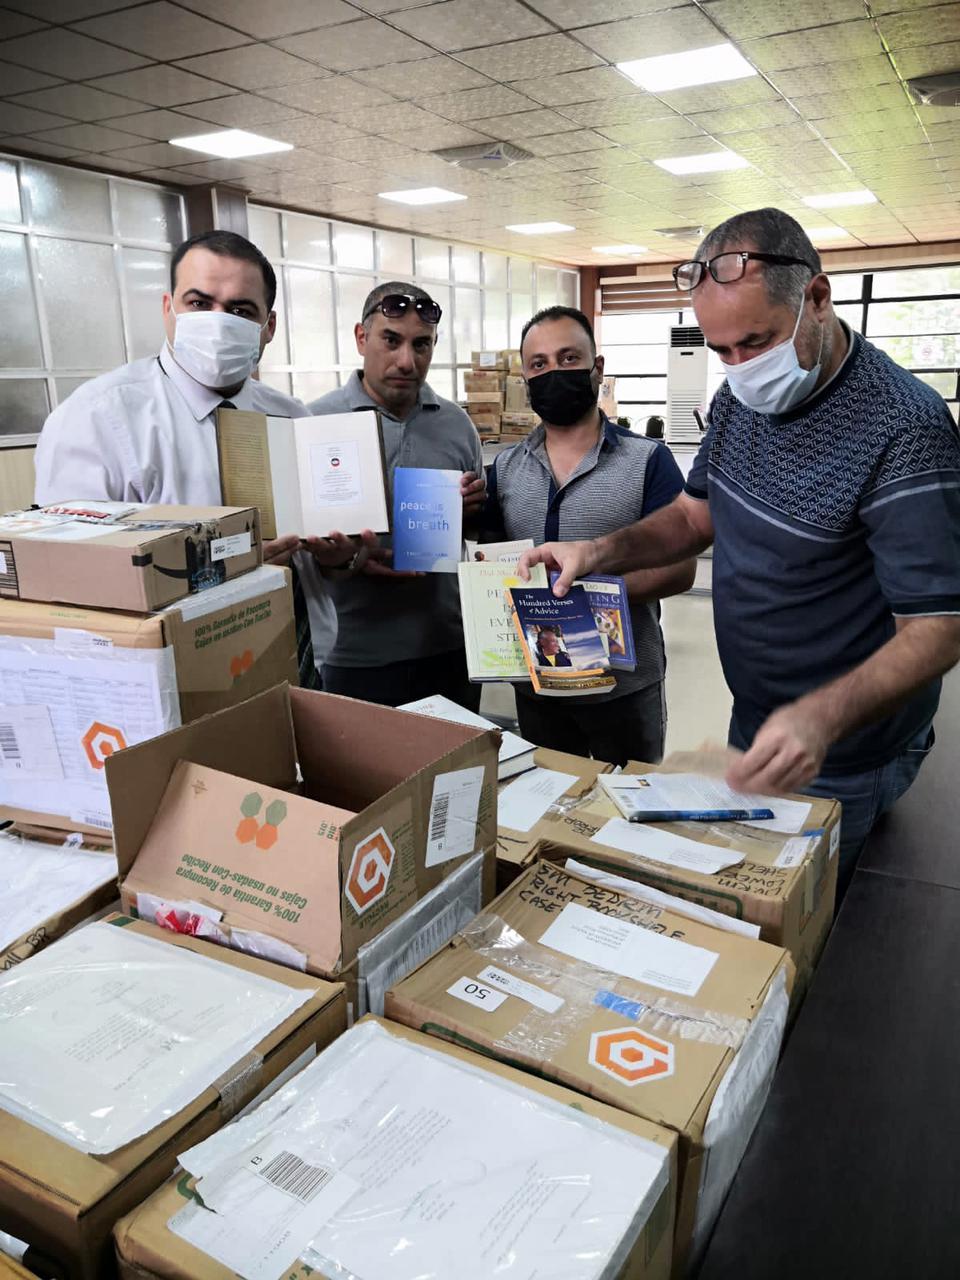 """قنصل لوس انجلوس يعلن عن وصول كتب """"ديان ماوت"""" الى مكتبة جامعة الموصل"""